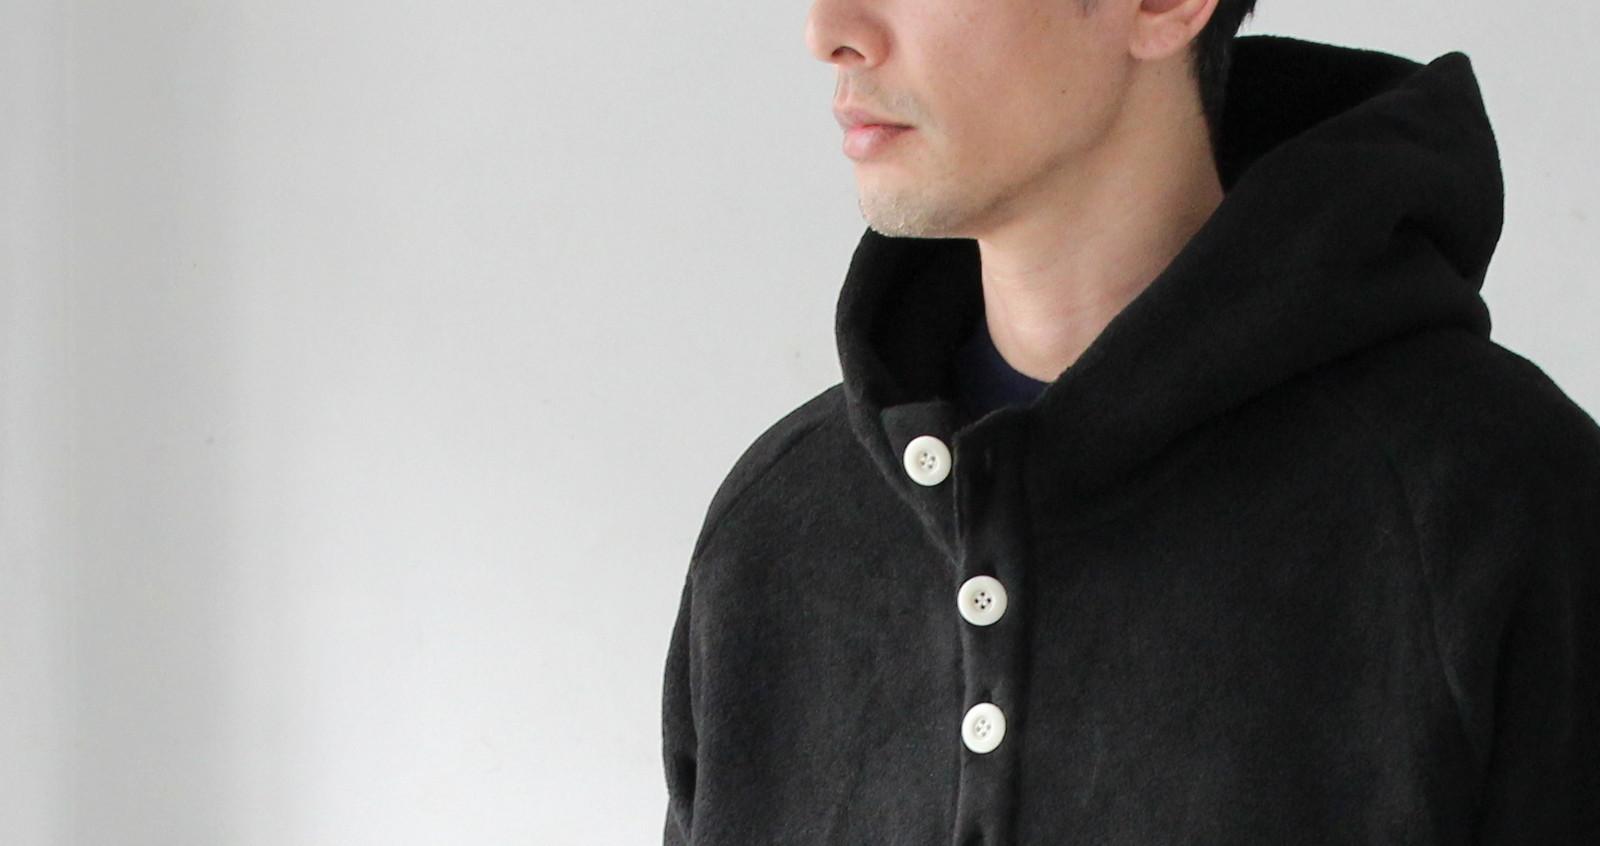 Boa Fleece Hooded Pull Over _c0379477_18325381.jpg